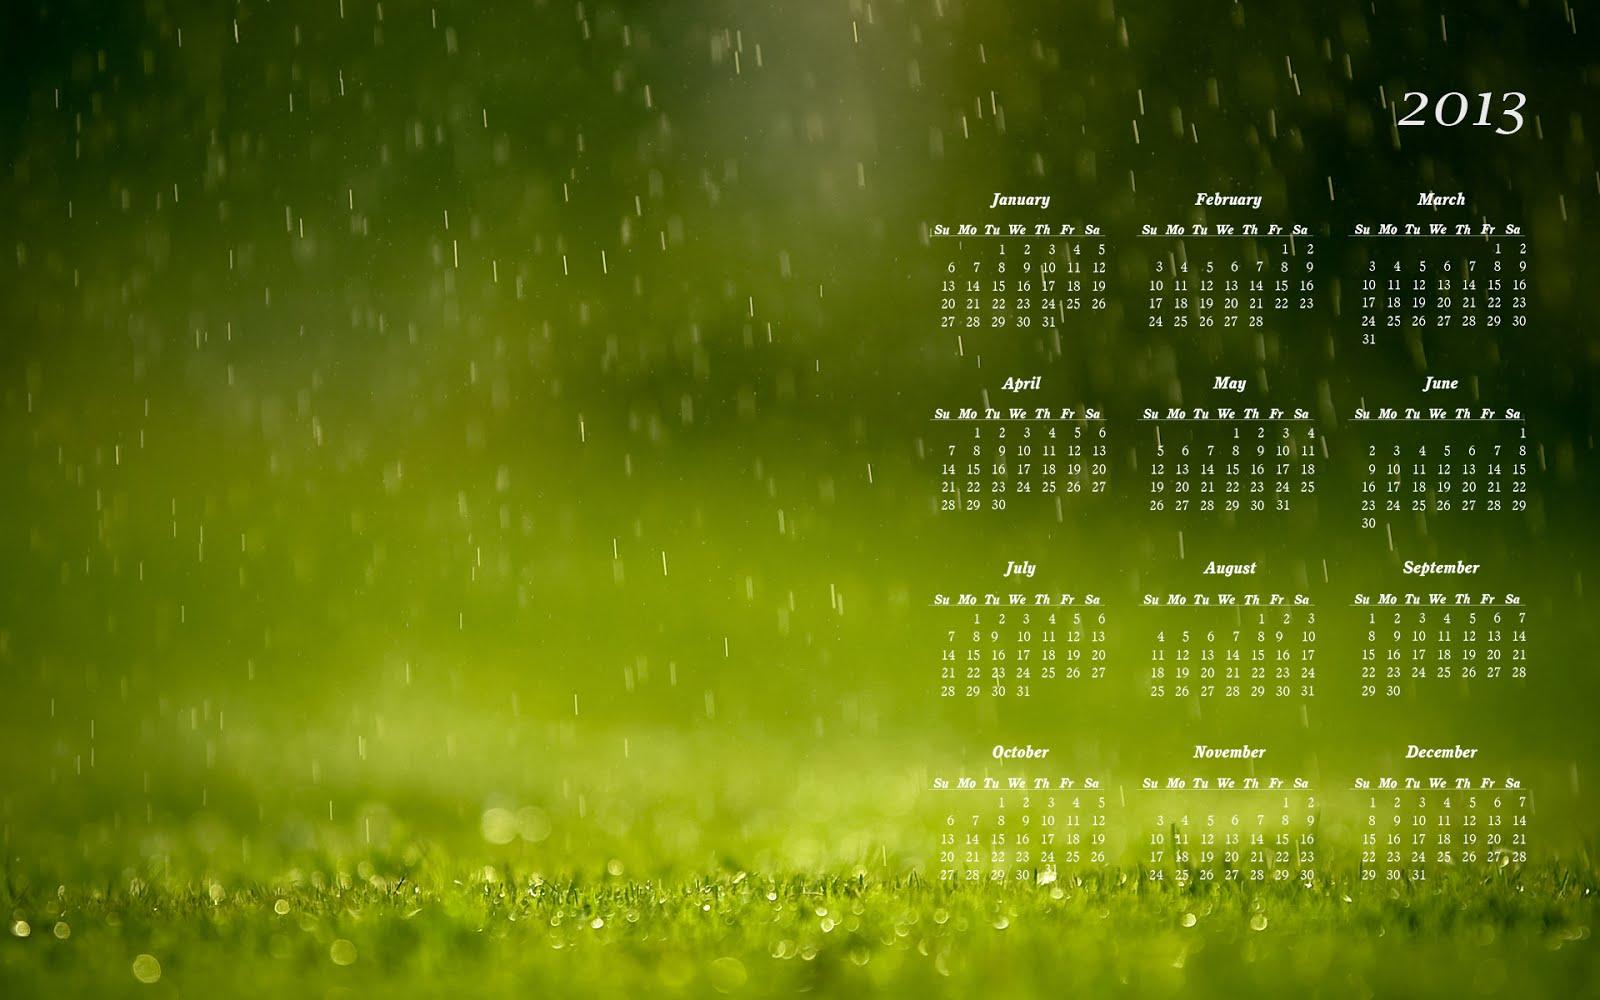 Green 2013 Calendar pc wallpaper HD Wallpaper 1600x1000